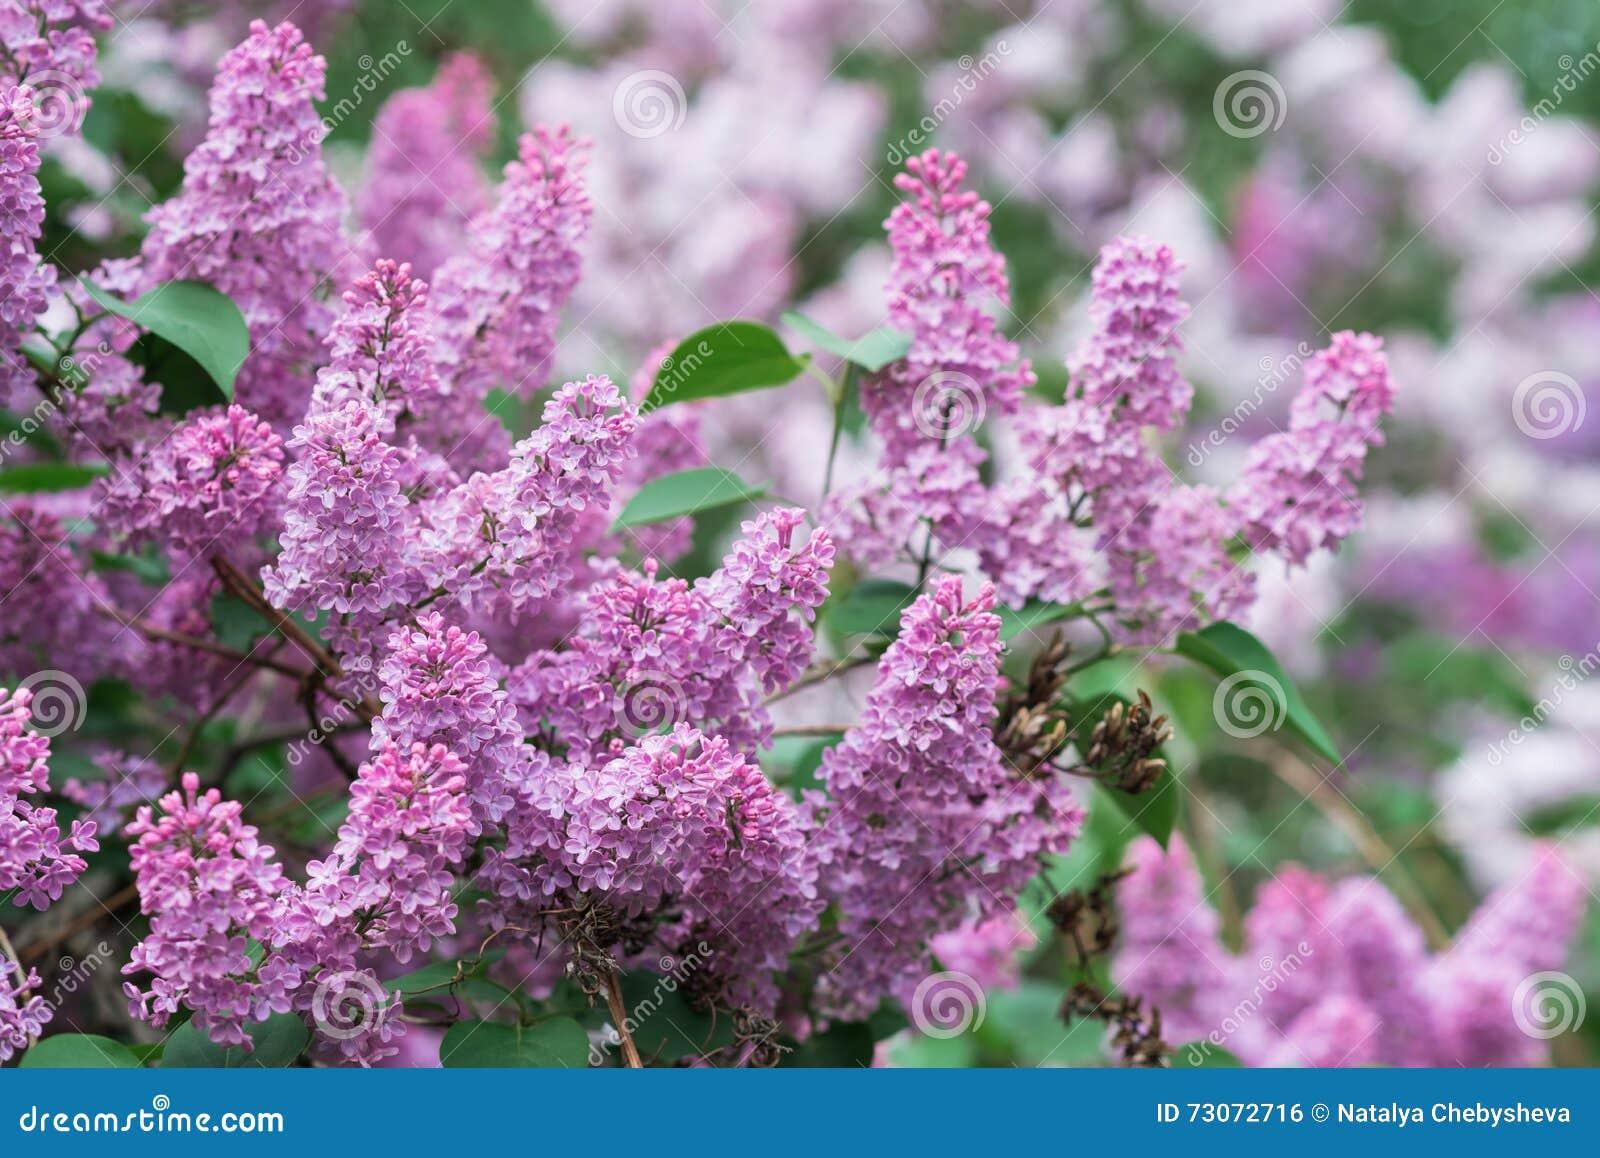 De mooie verse lilac violette bloemenachtergrond